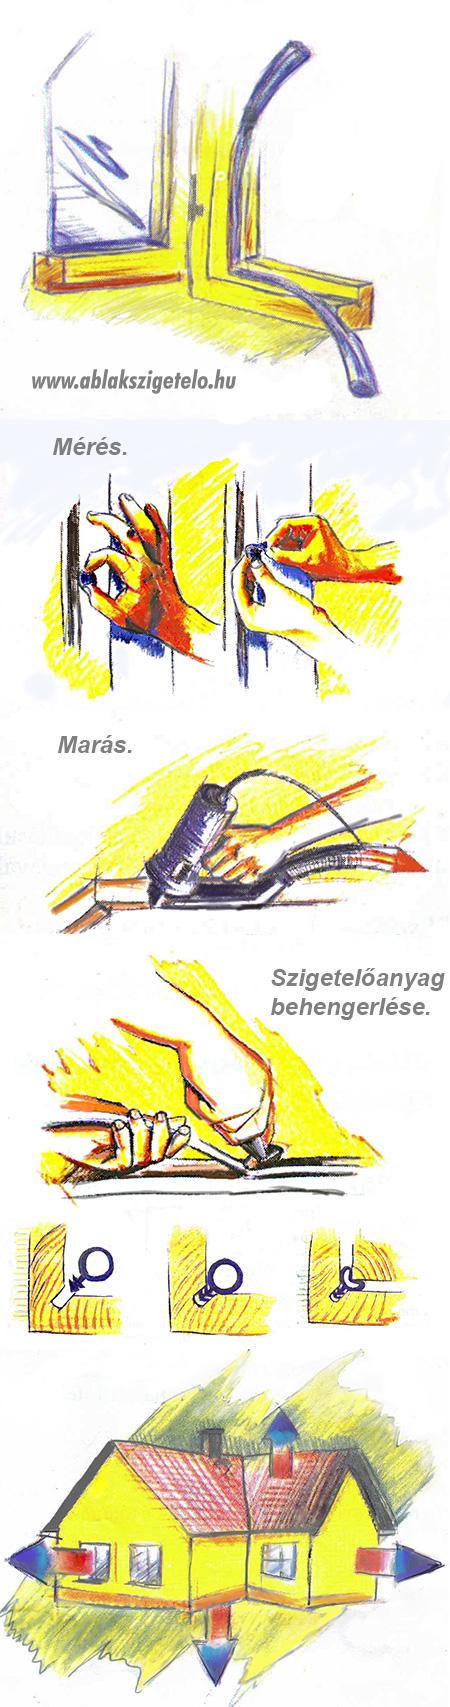 Ablakszigetelés folyamata